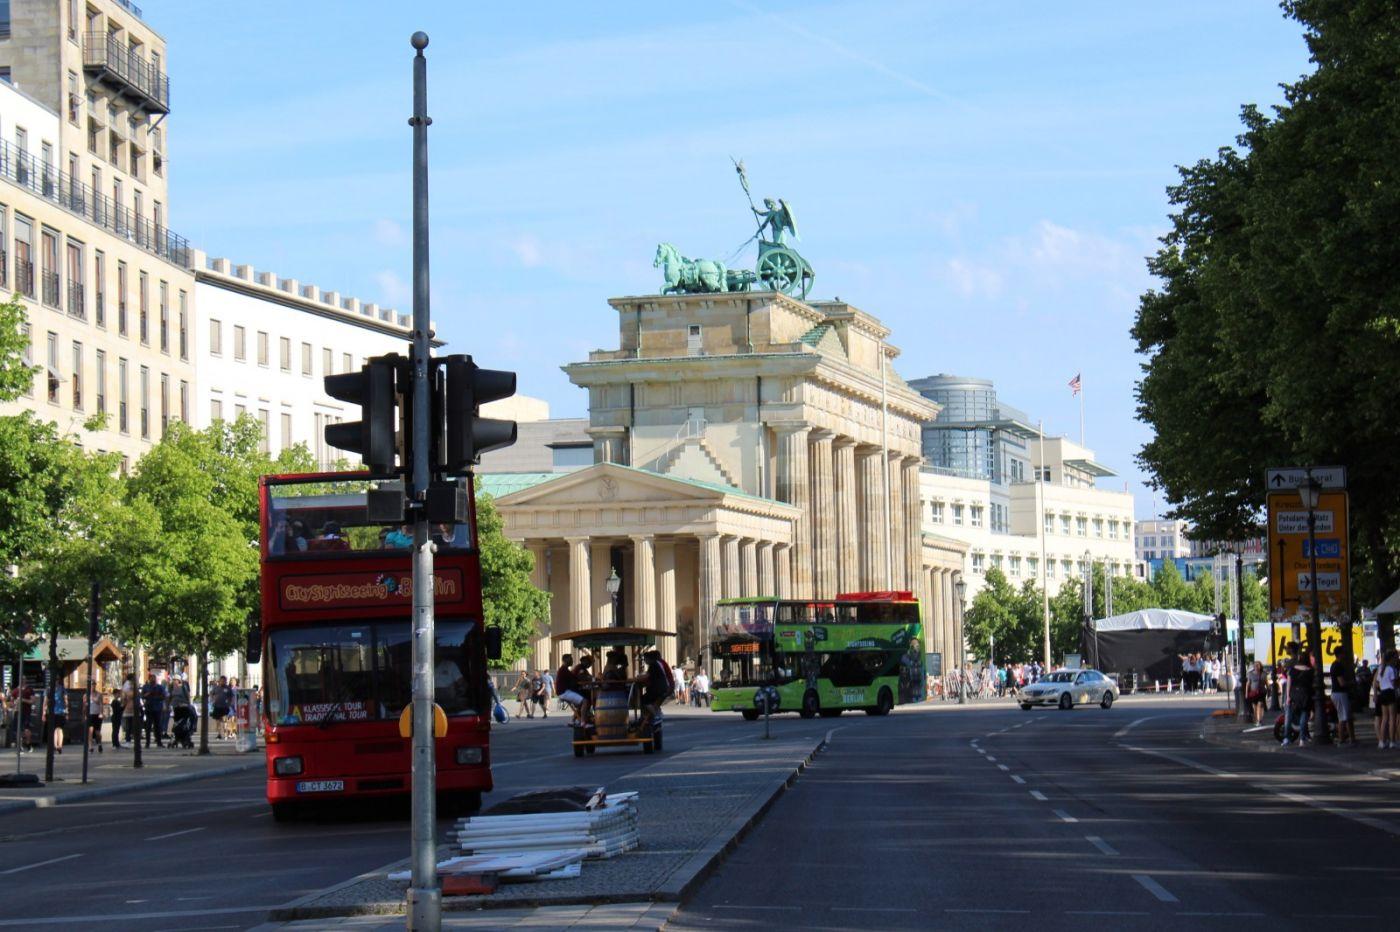 柏林之印象_图1-23